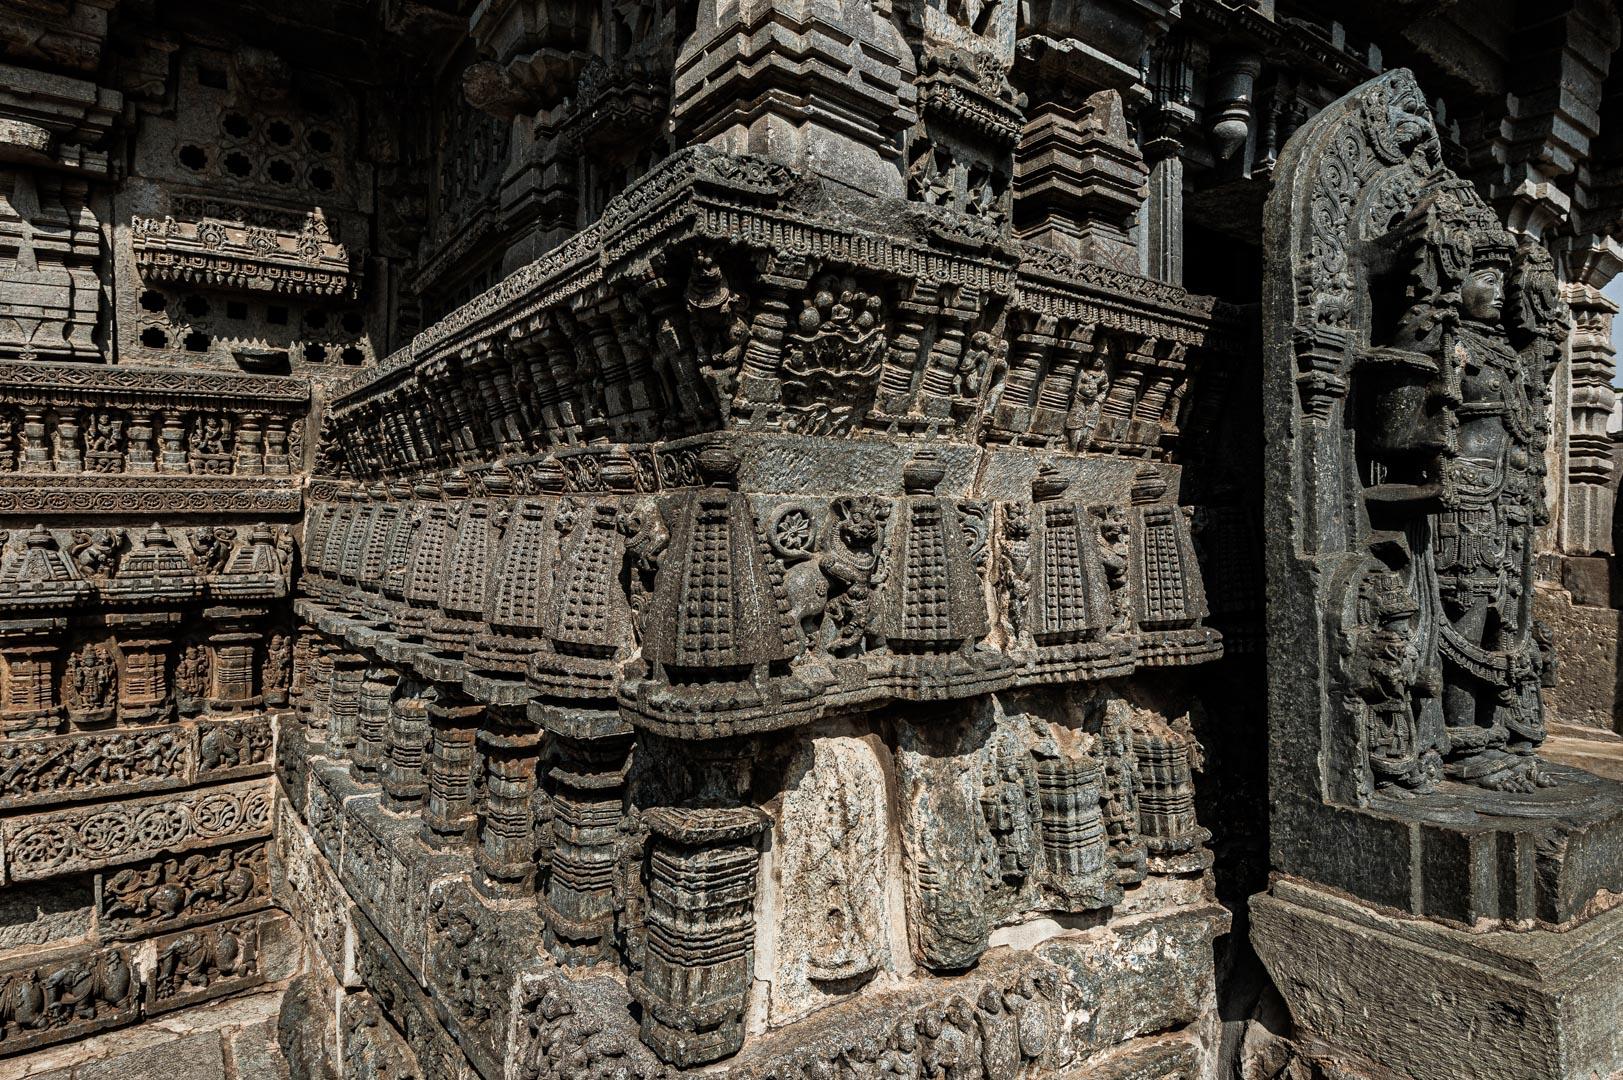 Somnathpur, Karnataka • India: Keshava Temple